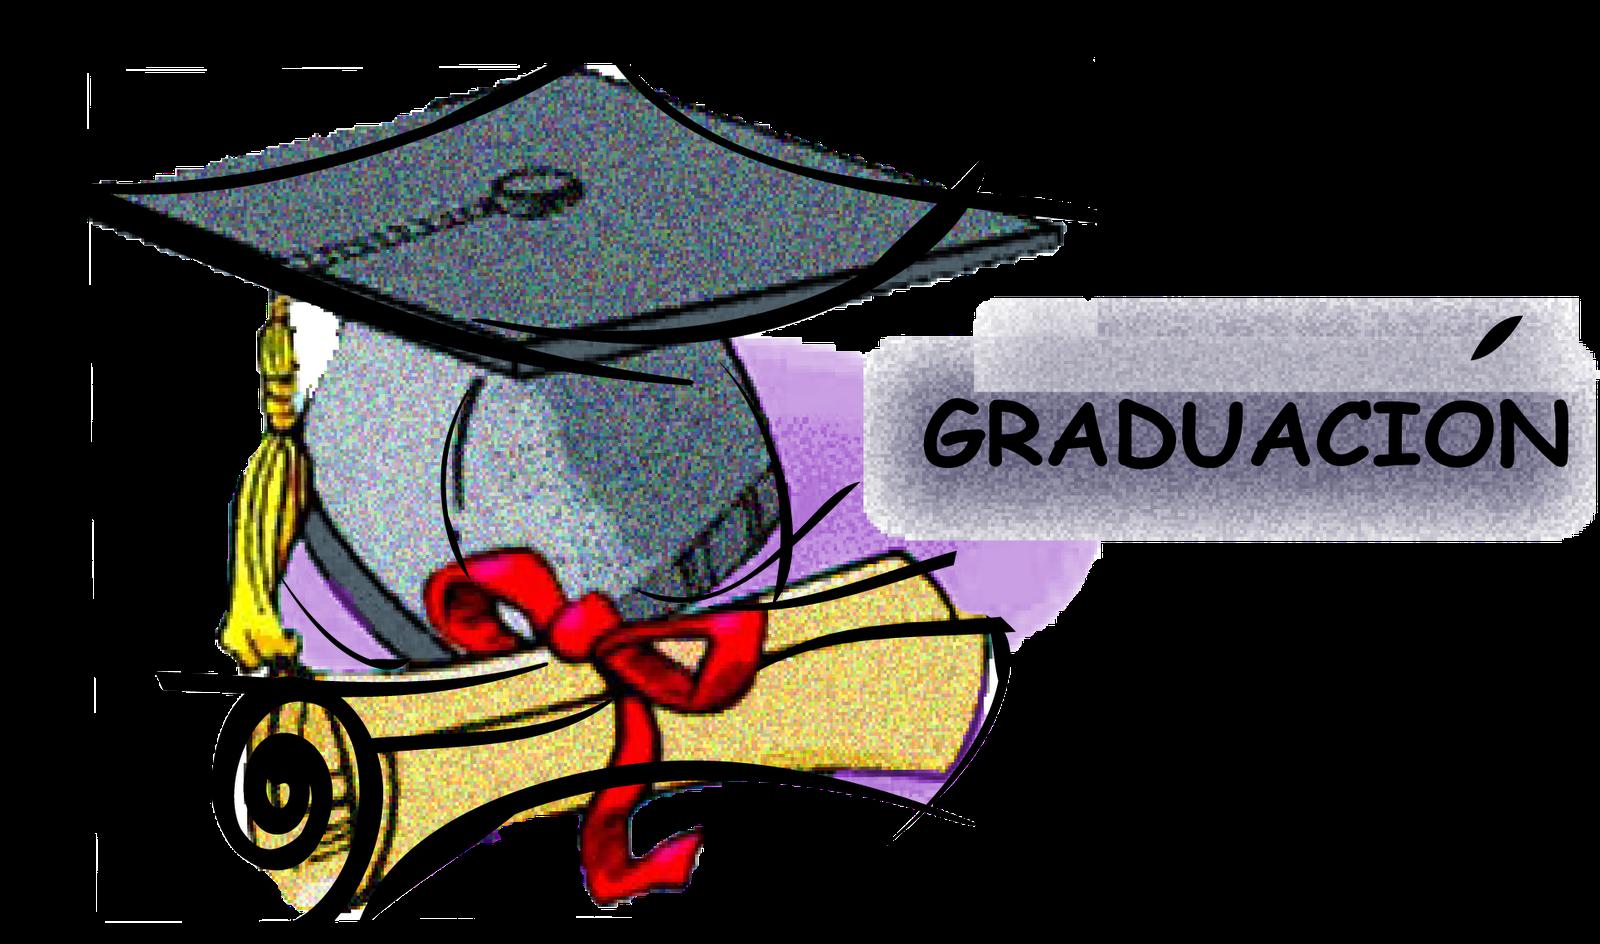 Gifs De Imágenes Diversas: Graduación